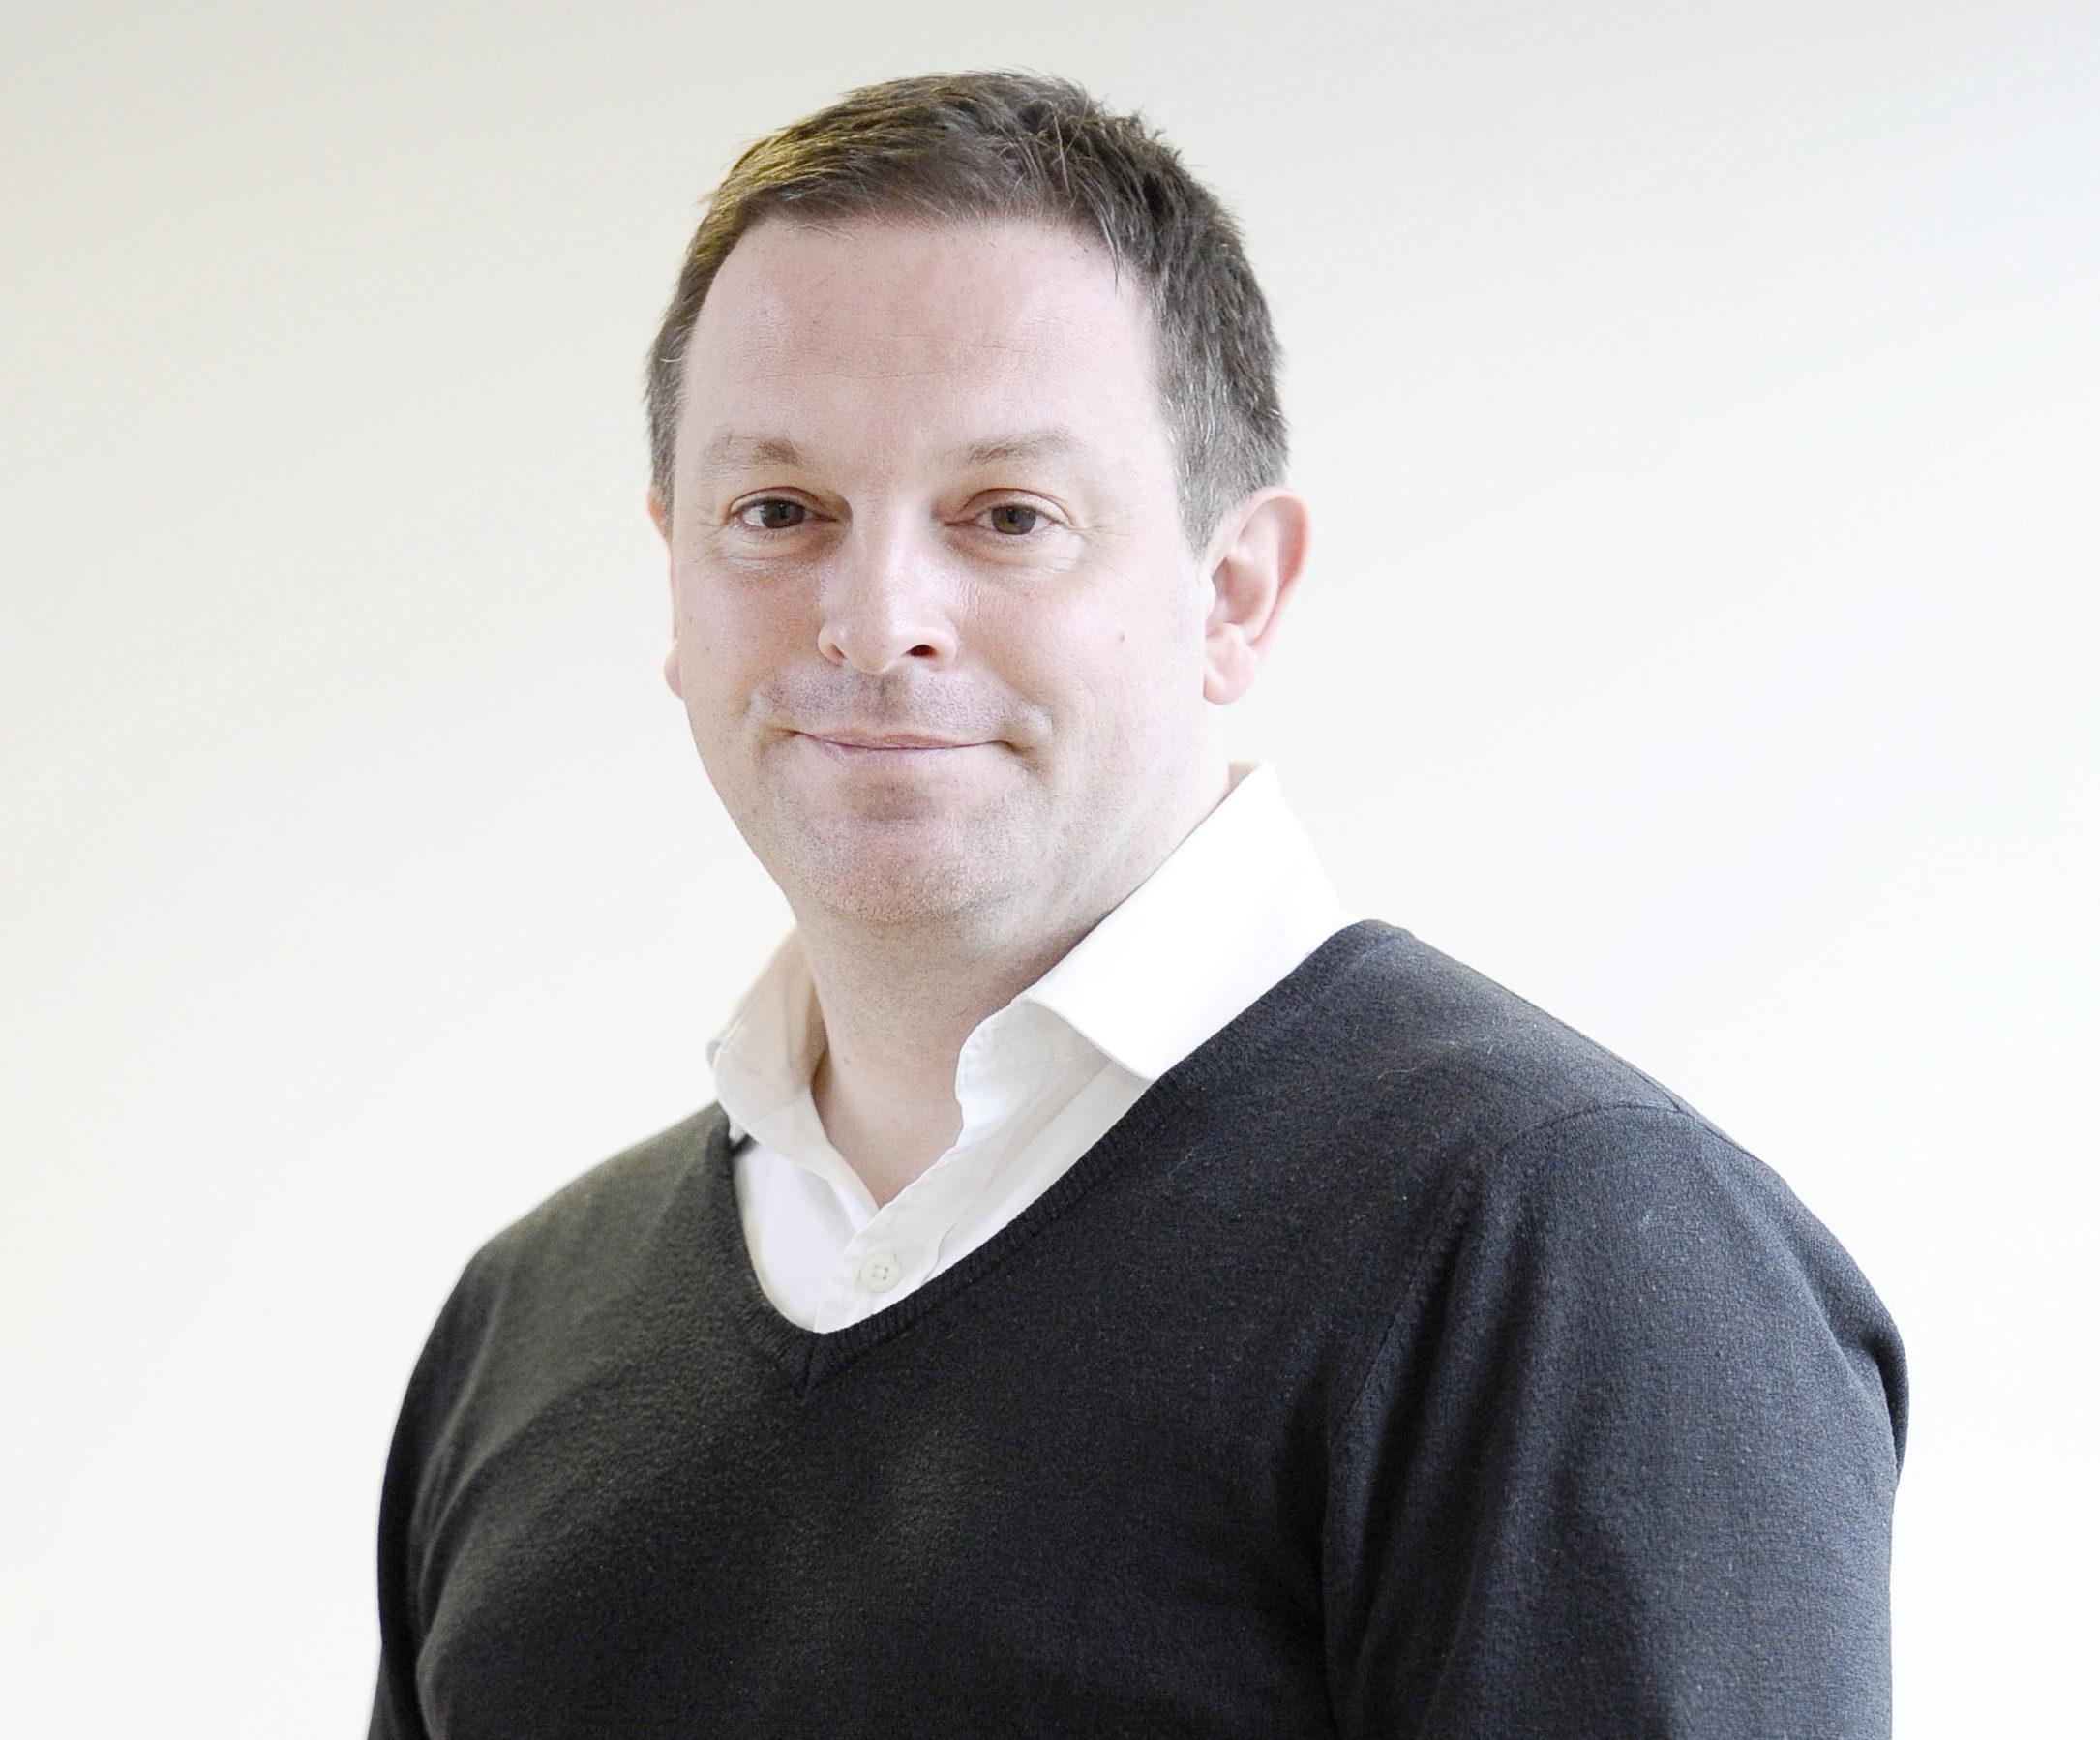 Chris Deerin, Reform Scotland Director